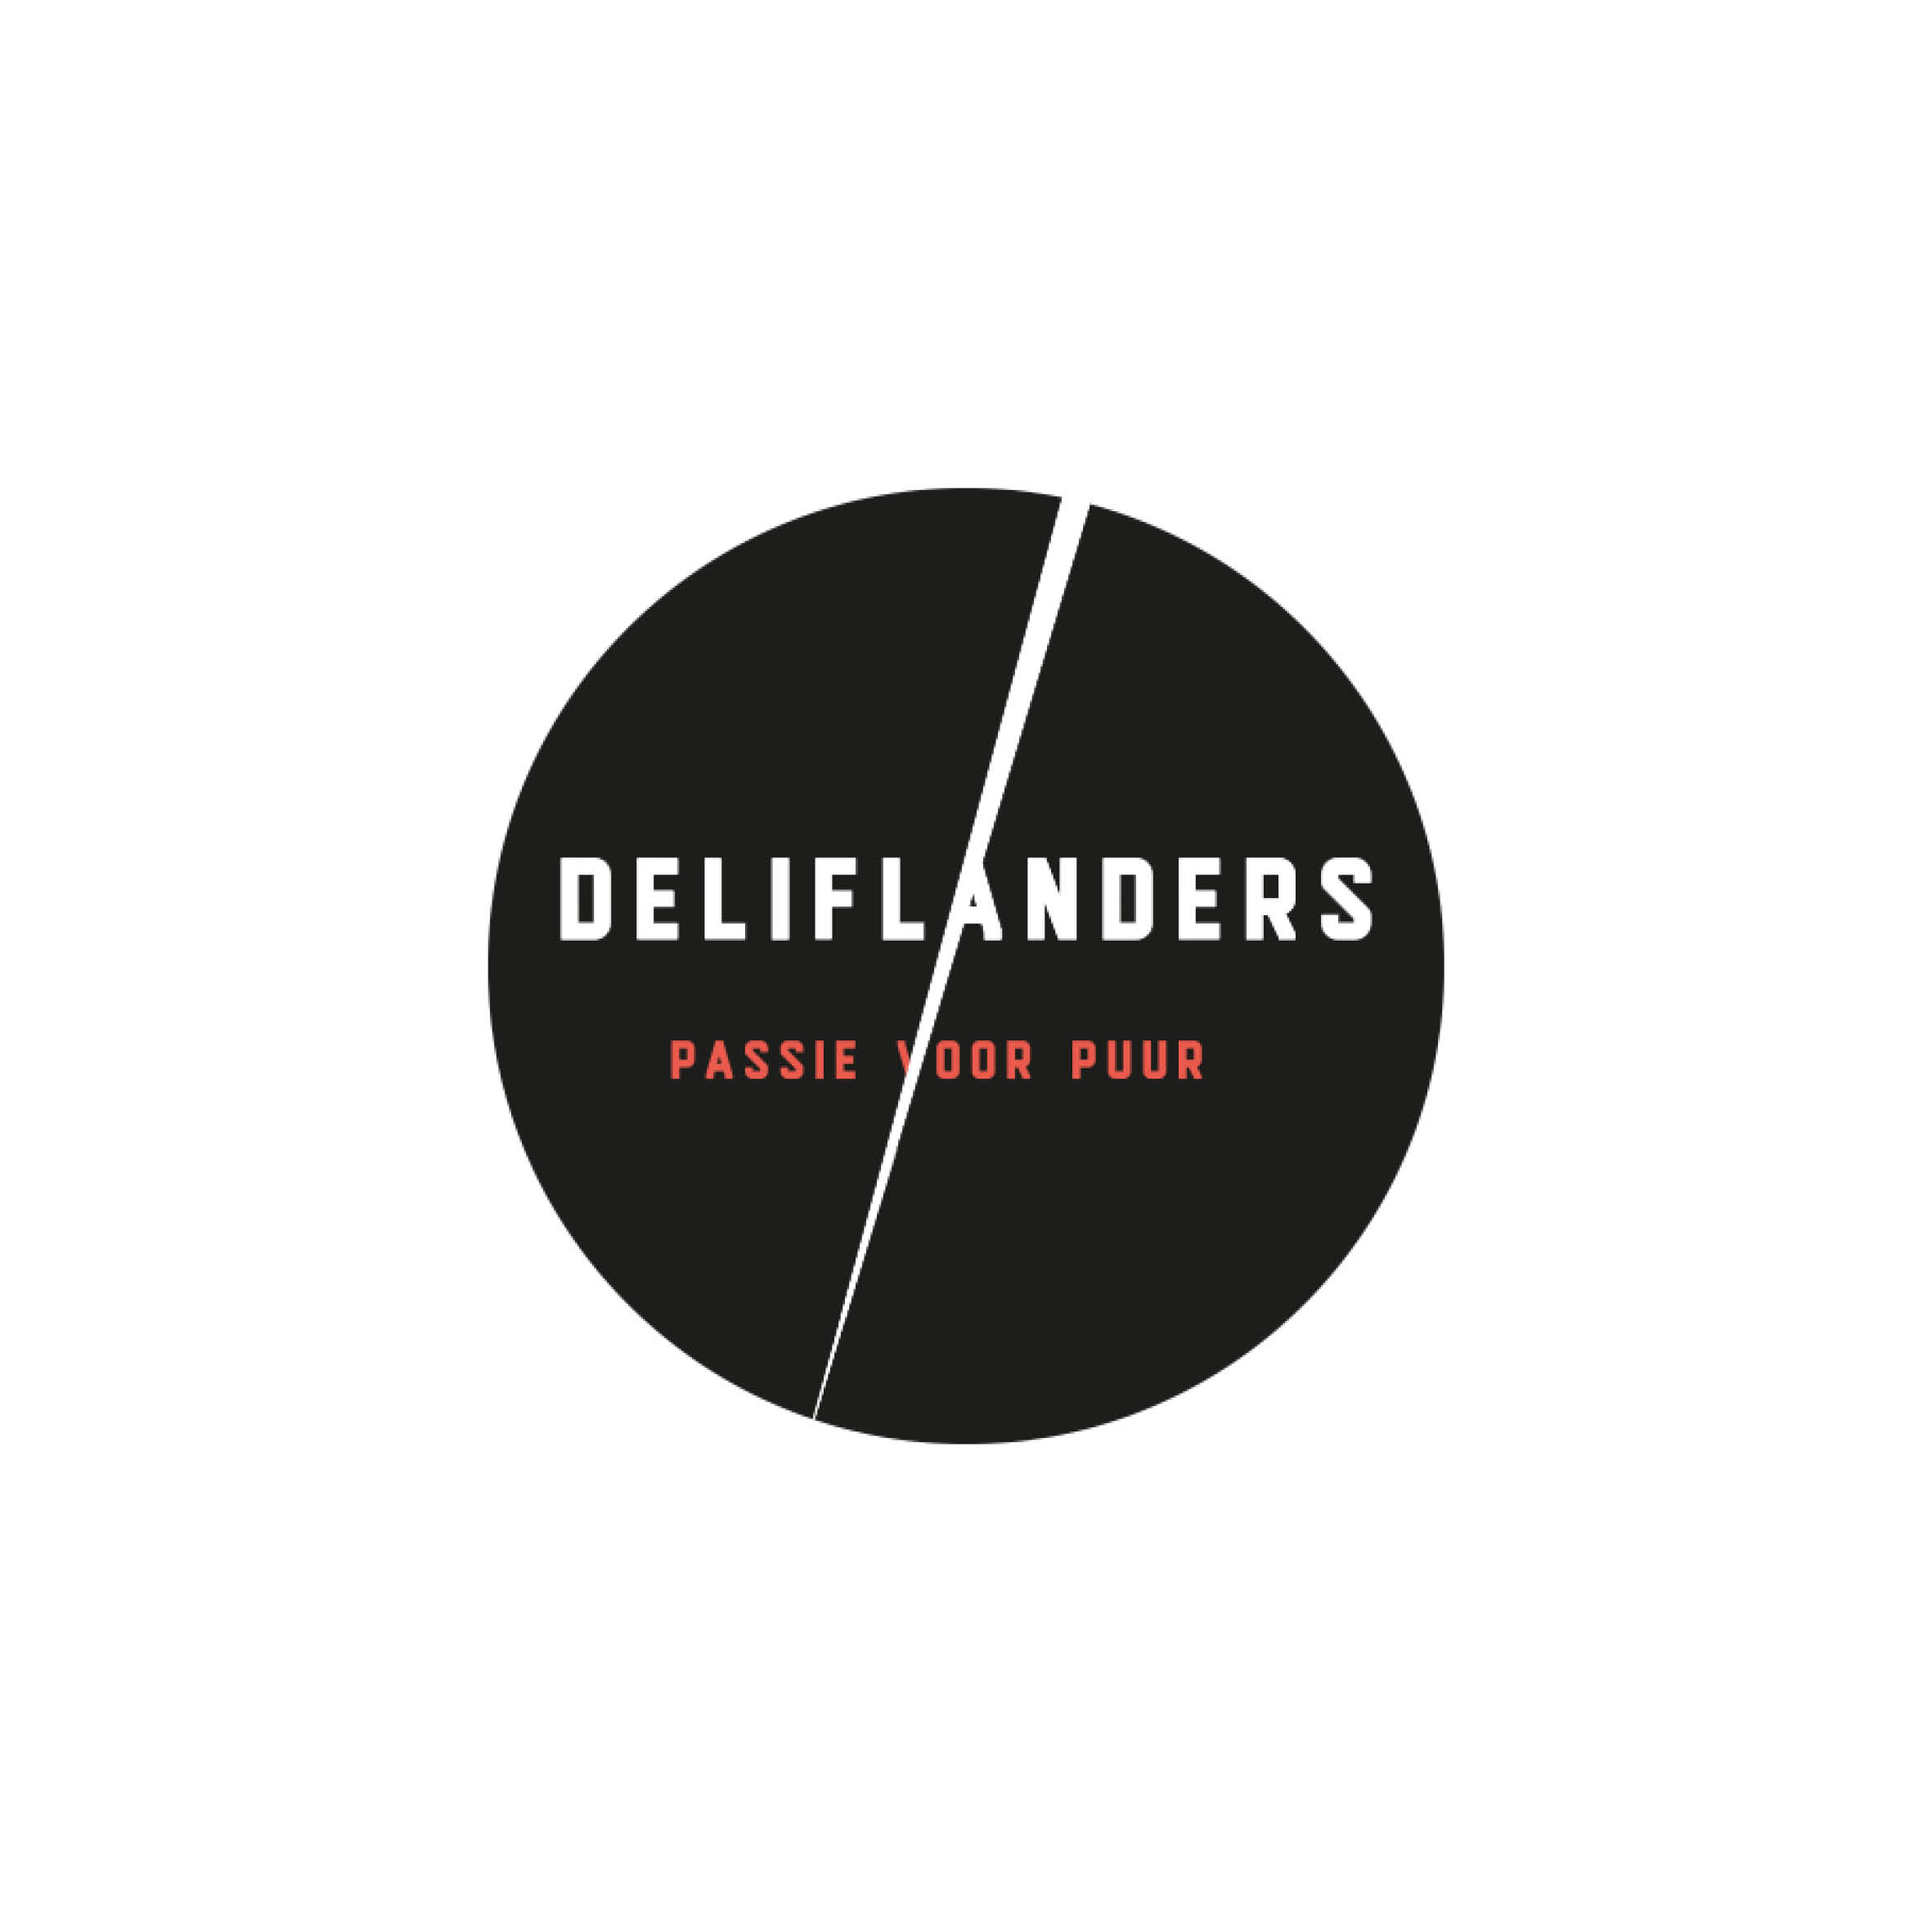 deliflanders